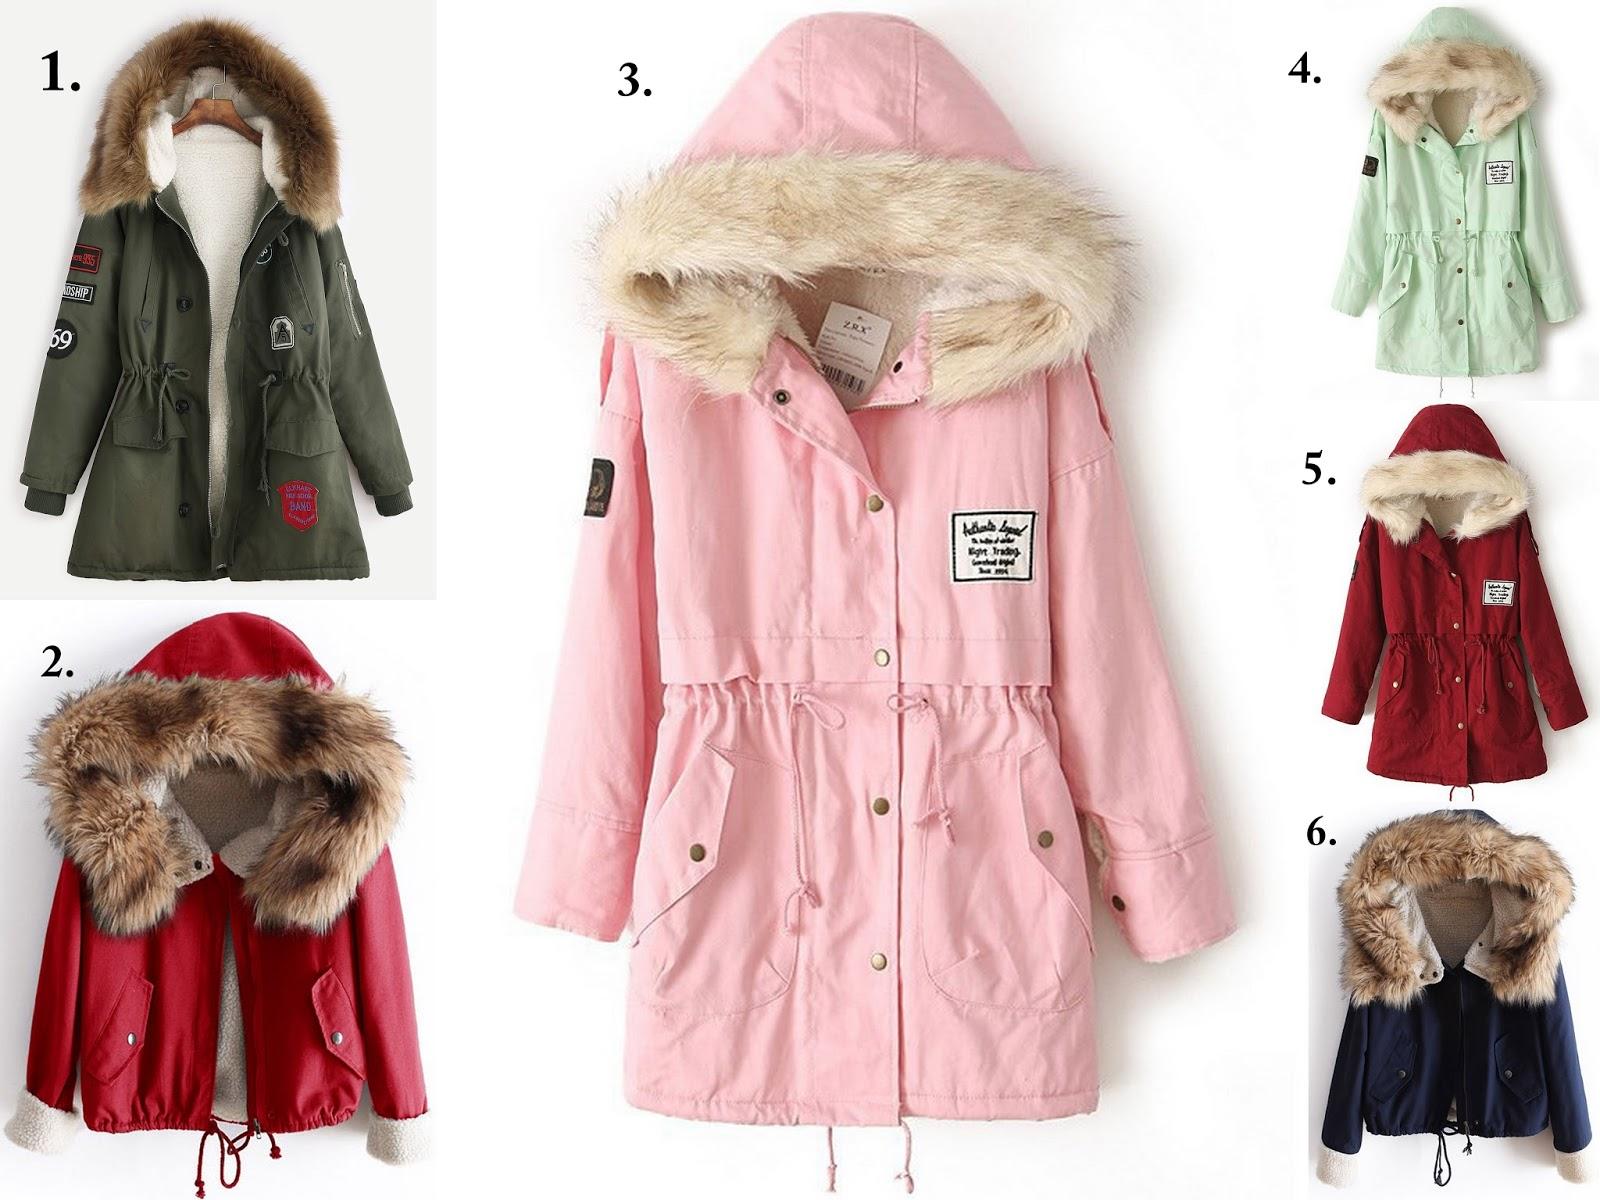 Wishlista Shein- przegląd kurtek, swetrów i torebek